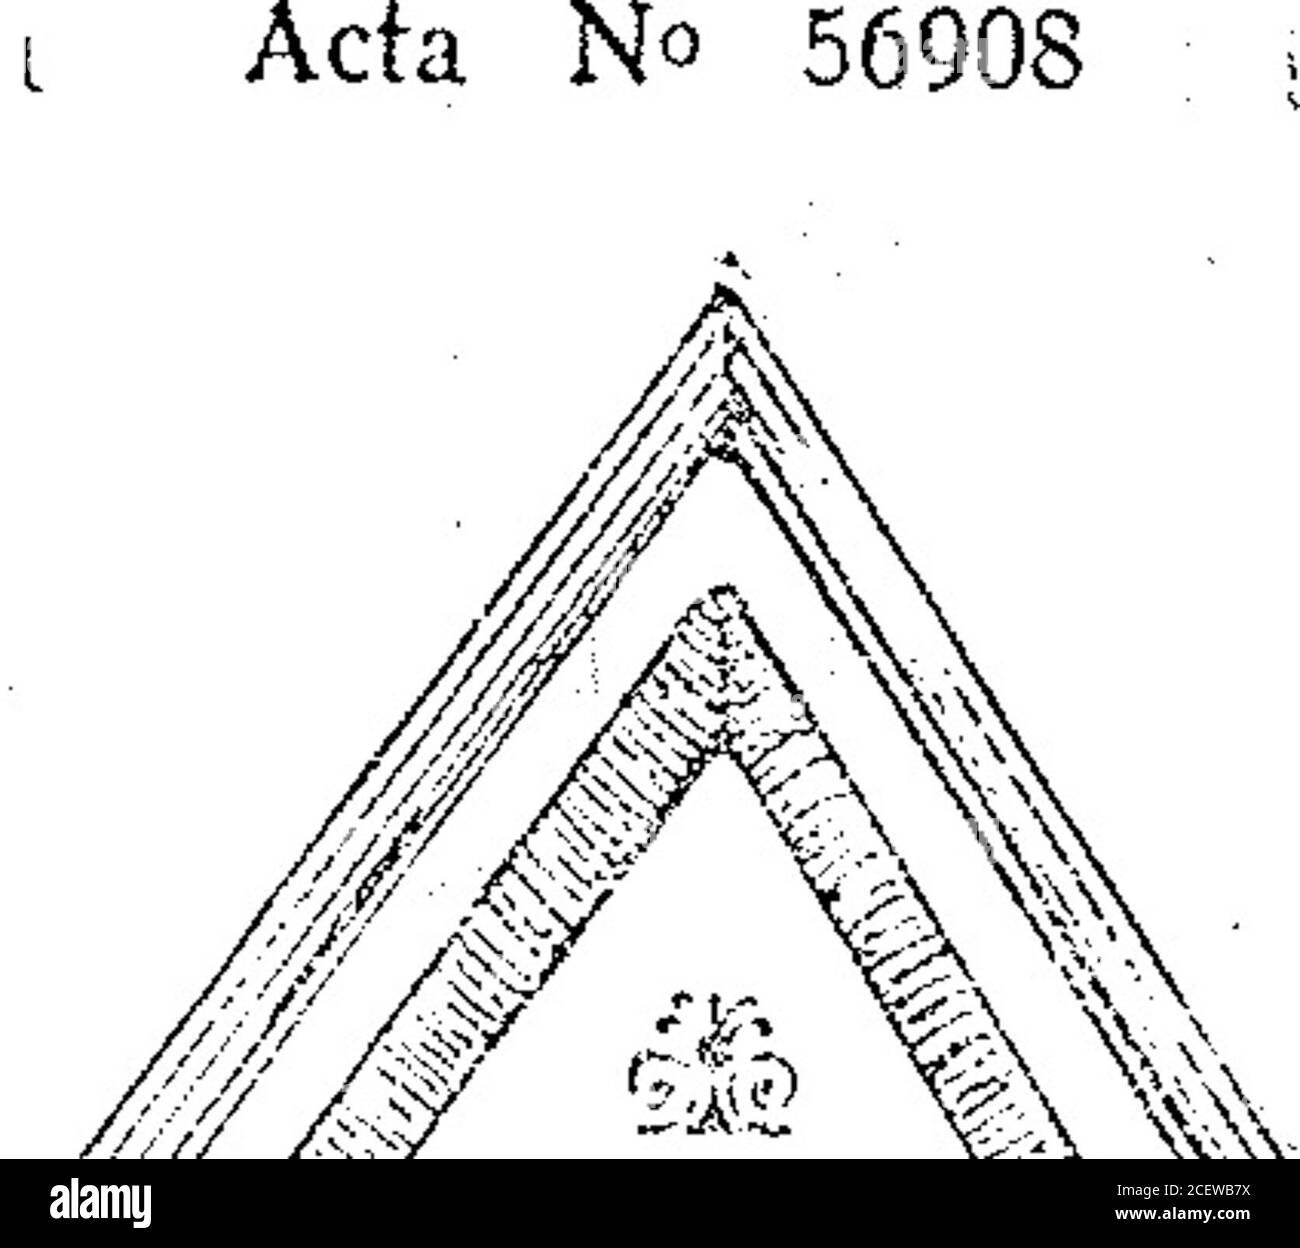 """. Boletín Oficial de la República Argentina. 1917 1ra sección. Vbrü 18 de 191/. - Horacio con (ado;. Aceite de ricino, de la ciase 2 f-SS abril Acta N 56S93 /-/ /f7 (- i ü 1 í ú. Abril 18 de 1917. Víctor Ooiizáicz. ¡Acta Ho c h! mate, cíe ia clase 22. _v>8 abril. o i ~,J * 4Í abra lo de 19i/. """".-- üclia v Aliya re.. -.- para distinguir articulos v iiia-tenai de inipreiita, jibrcrja, napelcpa. 1 i oTatí i, eocuadcriación, cirioncónias en-señanza y dibujo. Artículos de cscritono, i!ri(iujr>as de escribir, calcuiar vlLJL2i]Íi:2lilil_Iint.;is;_ de ia clase IS, v-23 abril Acta no 569 Foto de stock"""